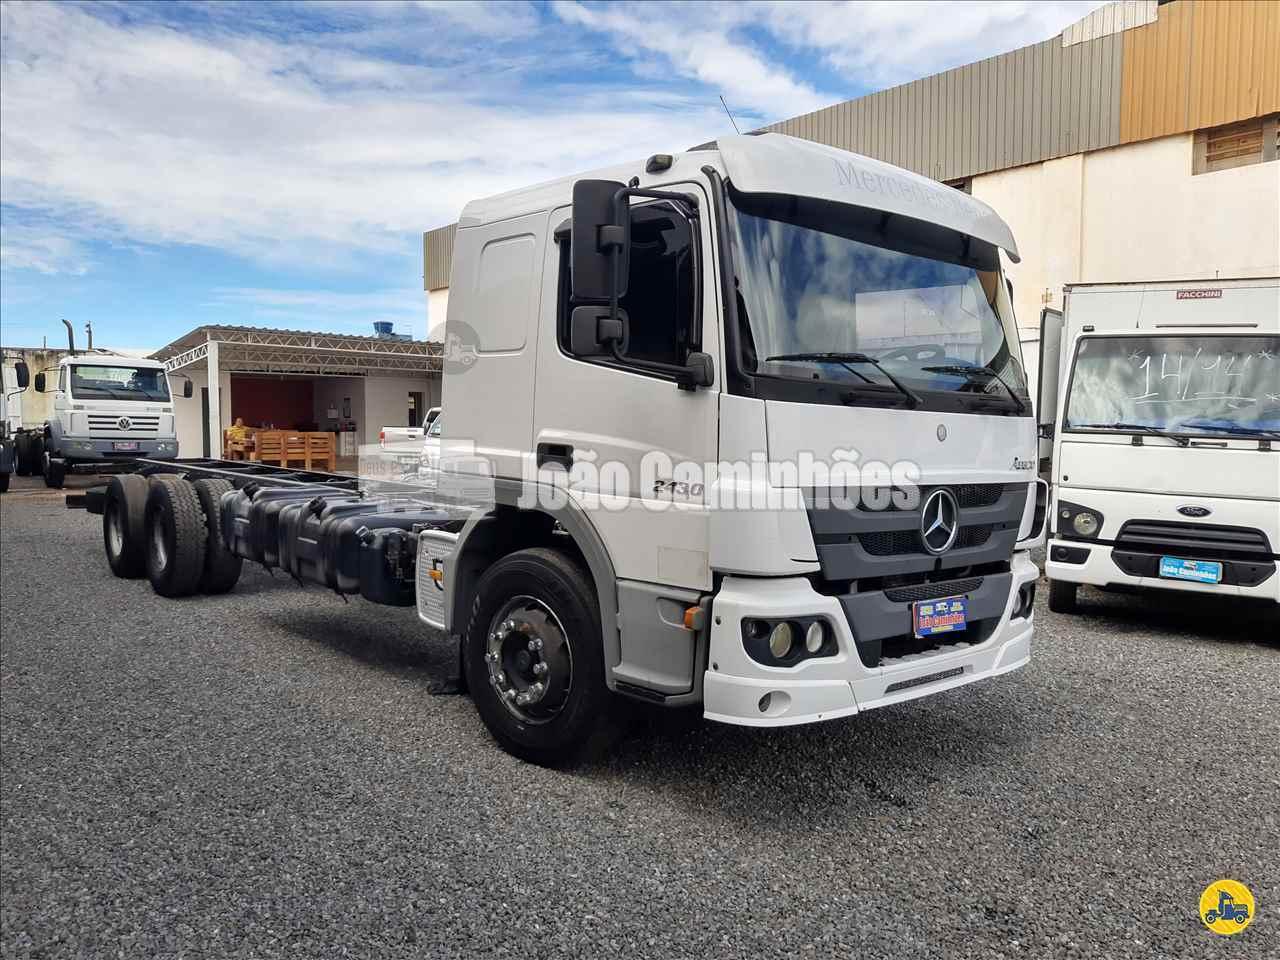 CAMINHAO MERCEDES-BENZ MB 2430 Chassis Truck 6x2 João Caminhões BRASILIA DISTRITO FEDERAL DF